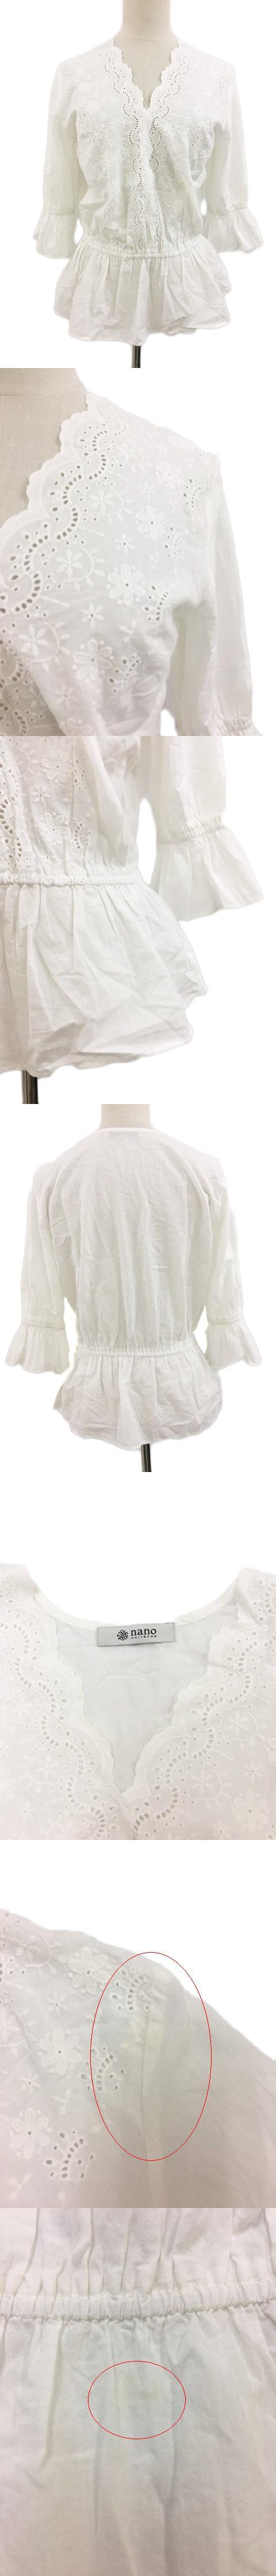 シャツ ブラウス プルオーバー スカラップ Vネック レース 刺繍 七分袖 F 白 ホワイト